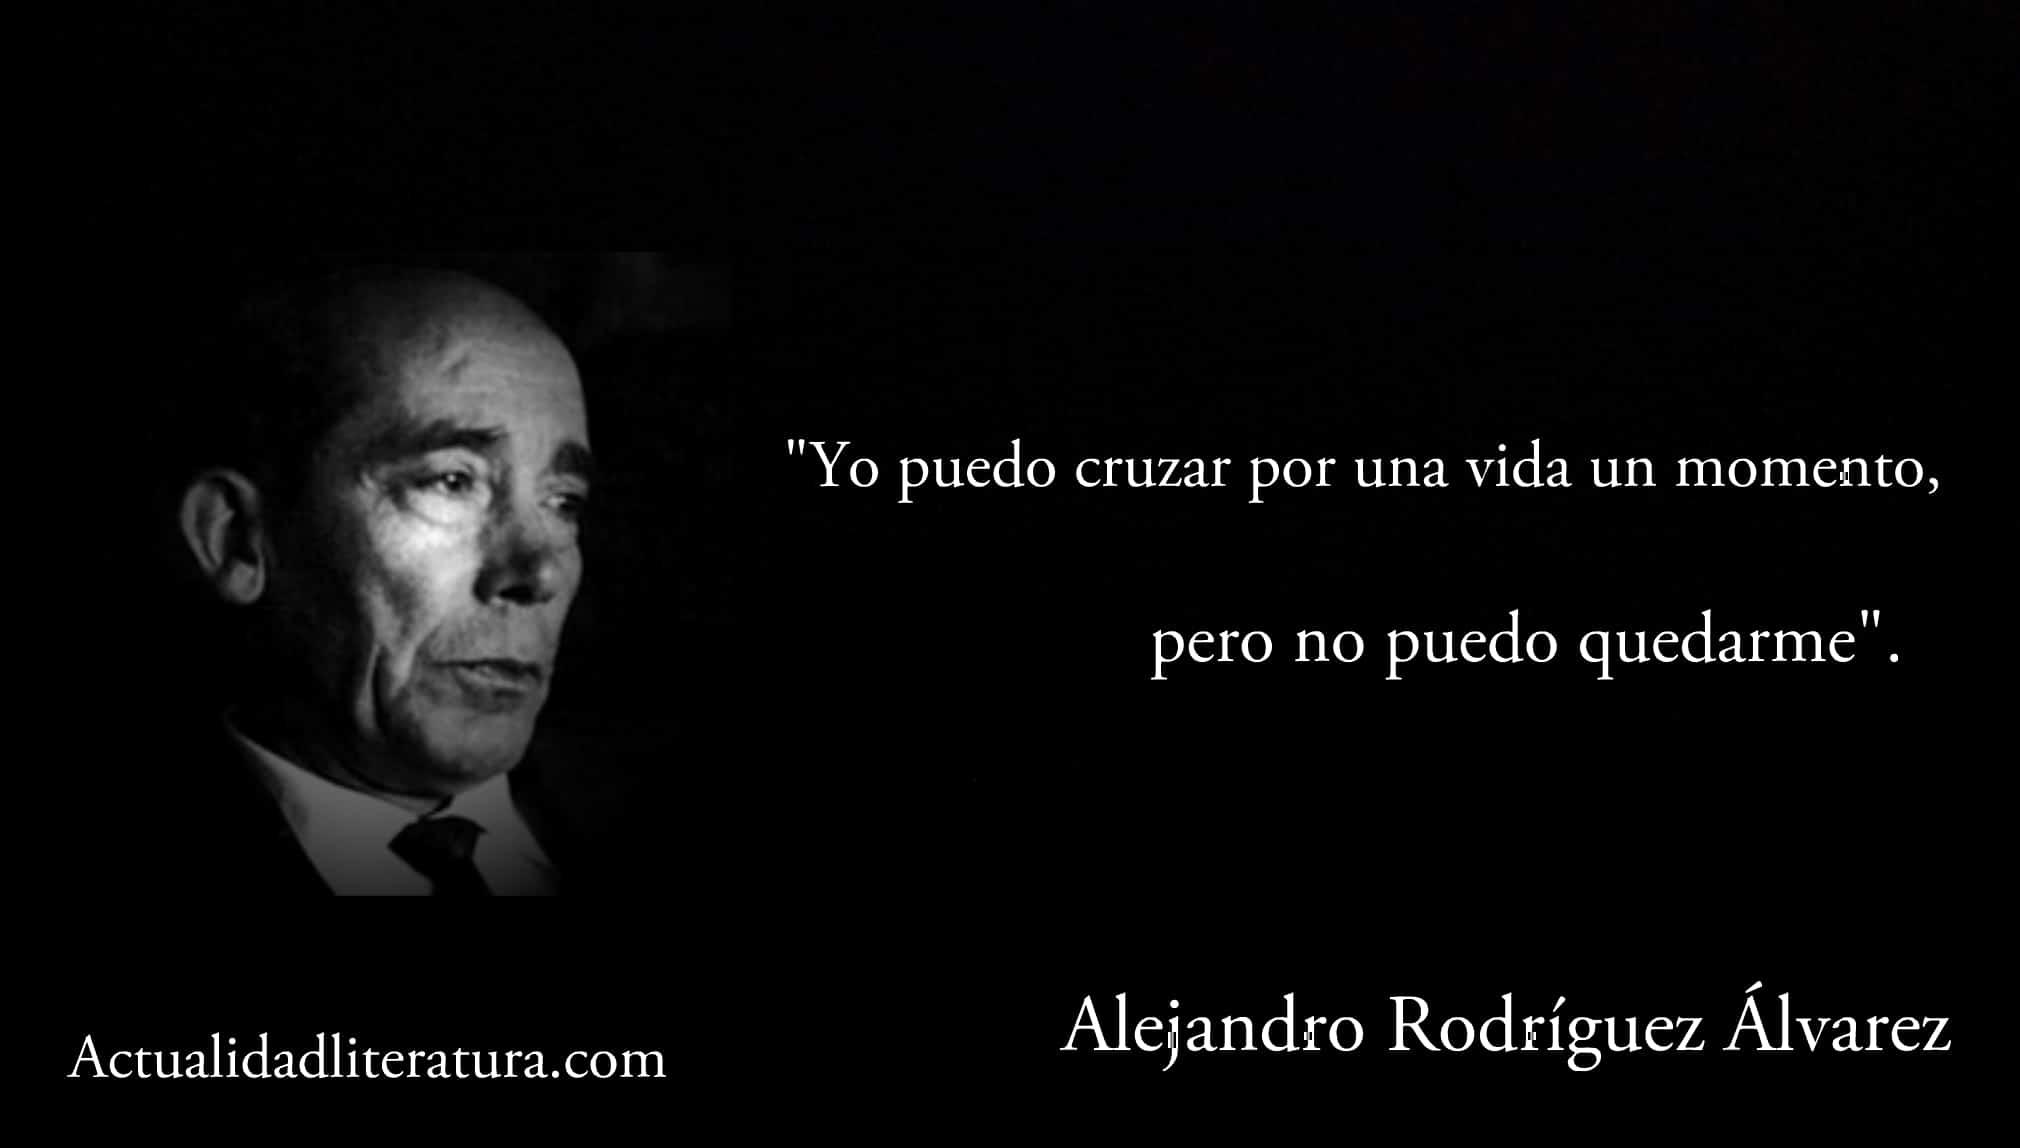 Frase de Alejandro Rodríguez Álvarez.